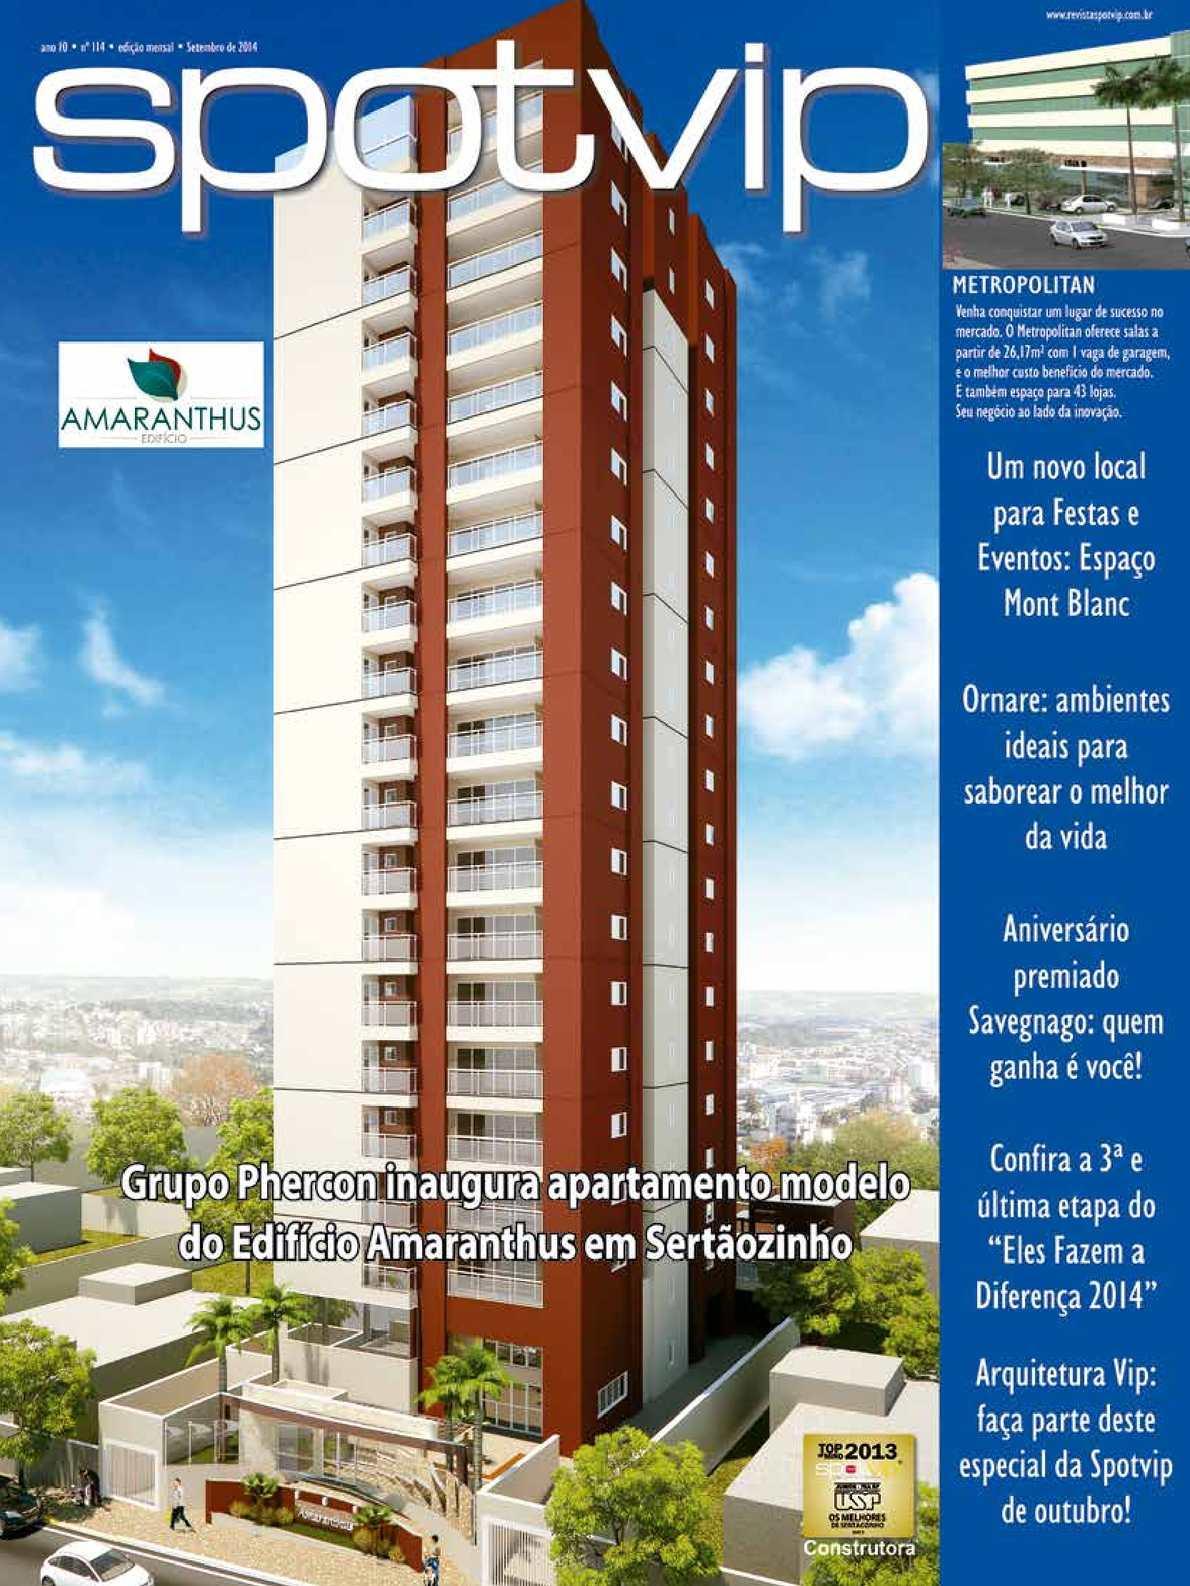 Calaméo - Revista Sopt VIP - Ed 114 46978ab9edd67